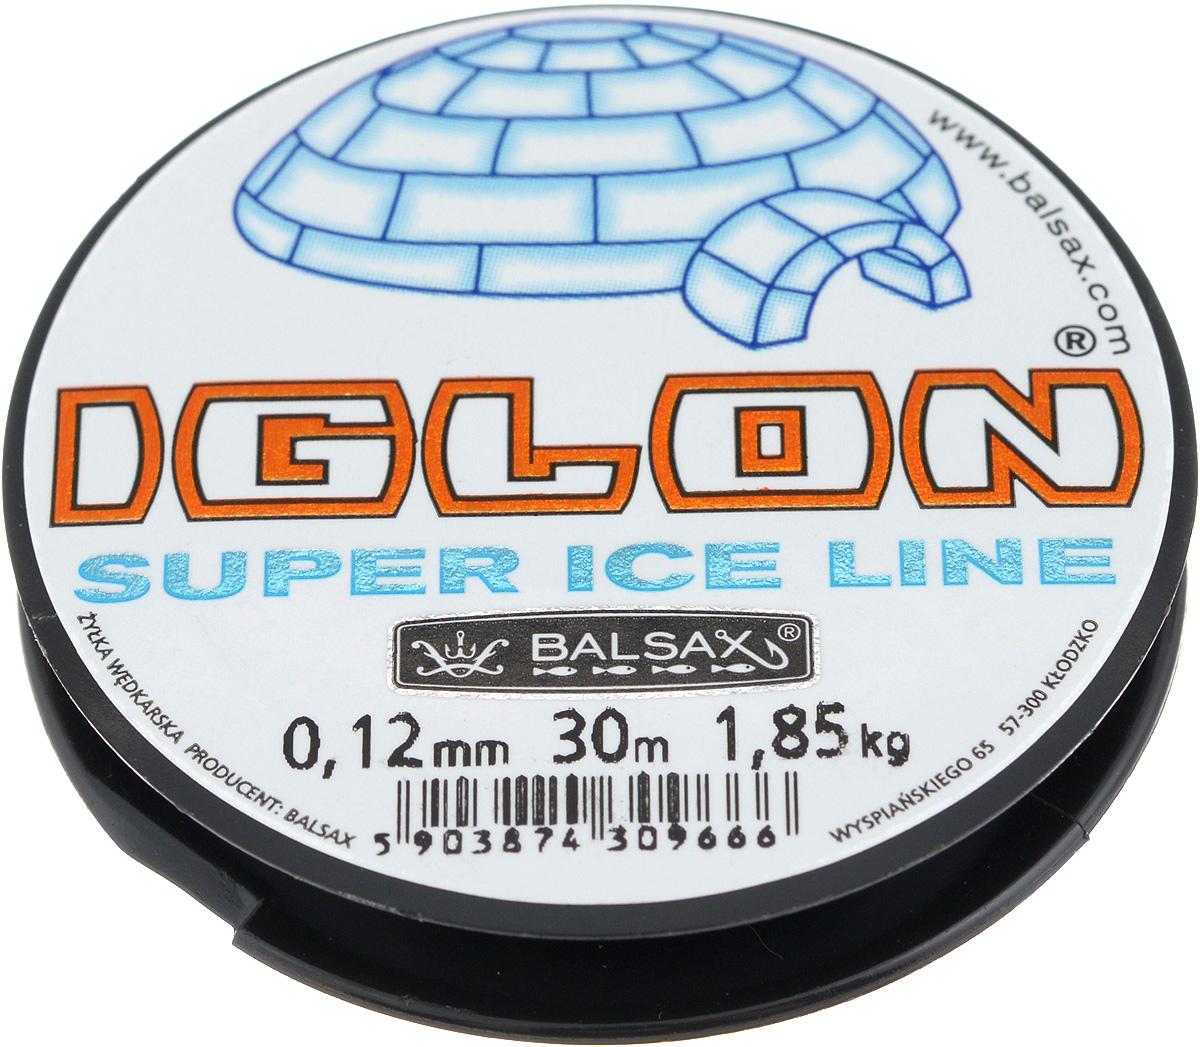 Леска зимняя Balsax Iglon, 30 м, 0,12 мм, 1,85 кг312-06012Леска Balsax Iglon изготовлена из 100% нейлона и очень хорошо выдерживает низкие температуры. Даже в самом холодном климате, при температуре вплоть до -40°C, она сохраняет свои свойства практически без изменений, в то время как традиционные лески становятся менее эластичными и теряют прочность. Поверхность лески обработана таким образом, что она не обмерзает и отлично подходит для подледного лова. Прочна в местах вязки узлов даже при минимальном диаметре.